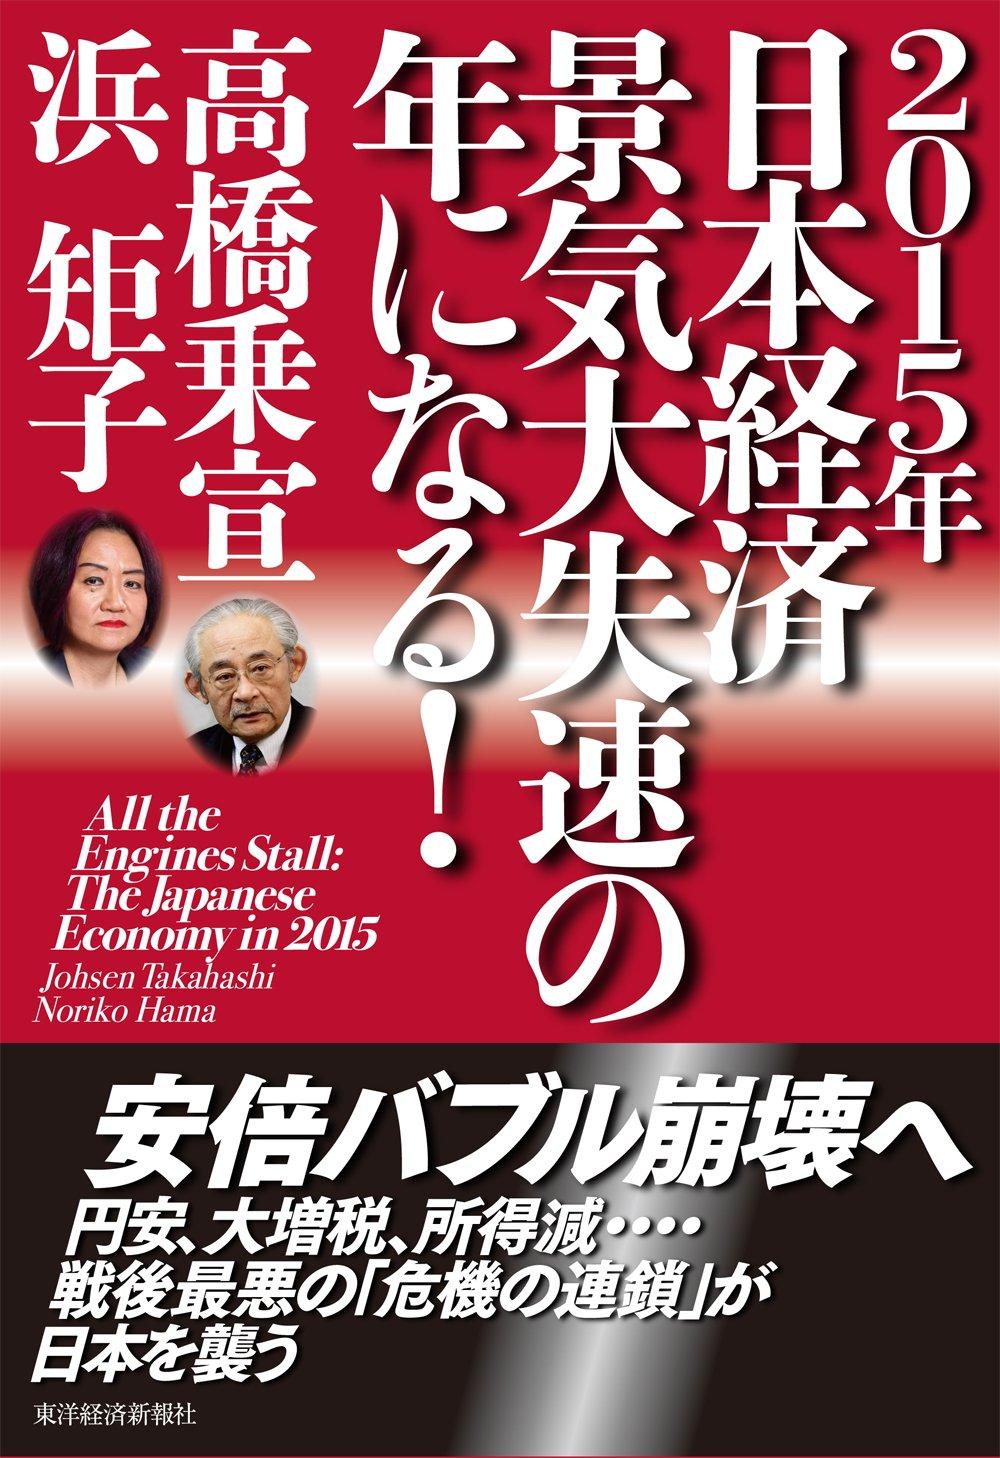 【社会】上野千鶴子氏や浜矩子氏の名前も 「反対する学者の会」が廃案求める声明-安保関連法案©2ch.net YouTube動画>6本 ->画像>12枚